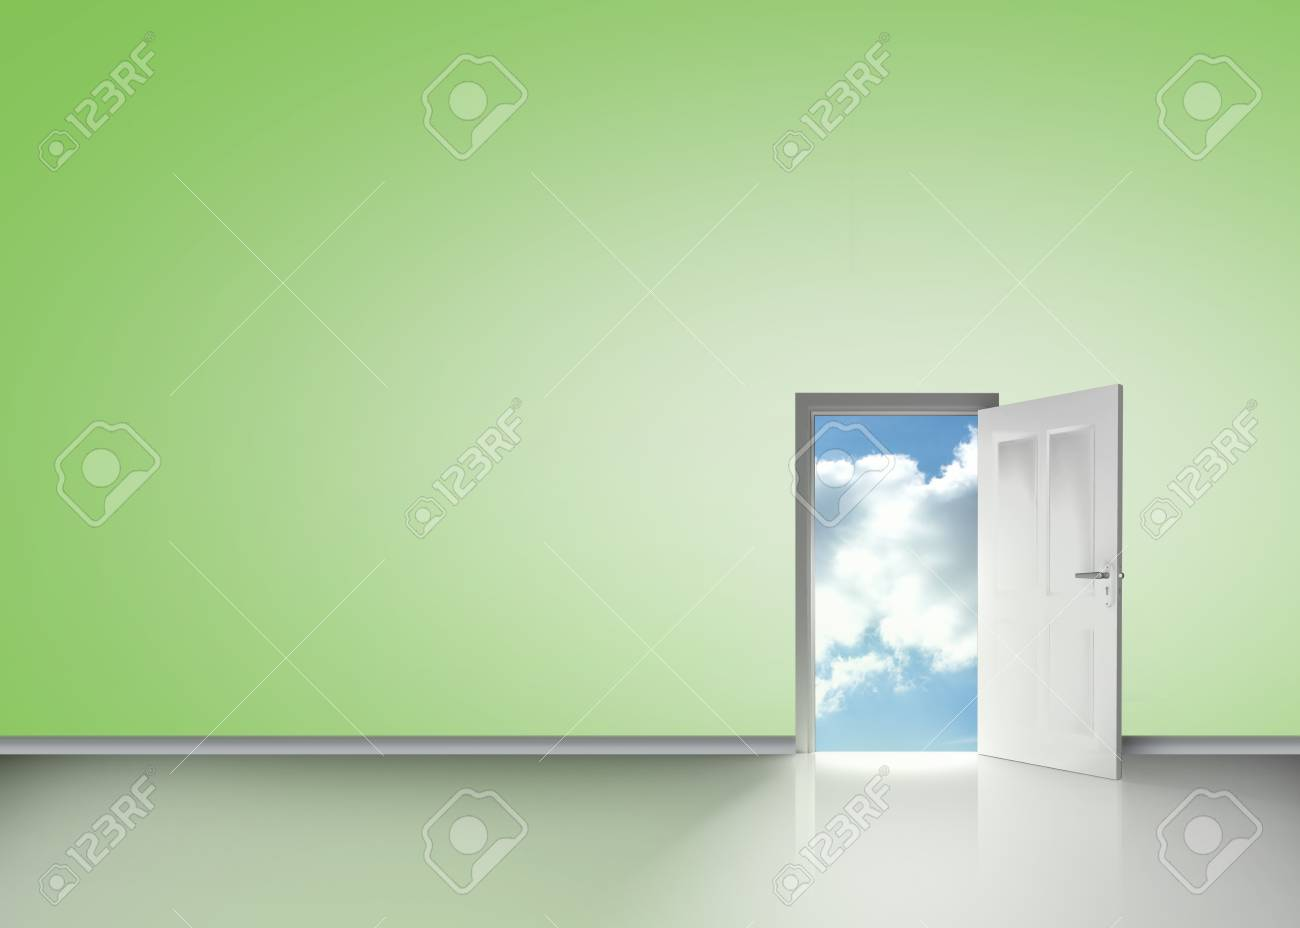 Ouverture des portes à révéler bleu ciel nuageux en chambre verte